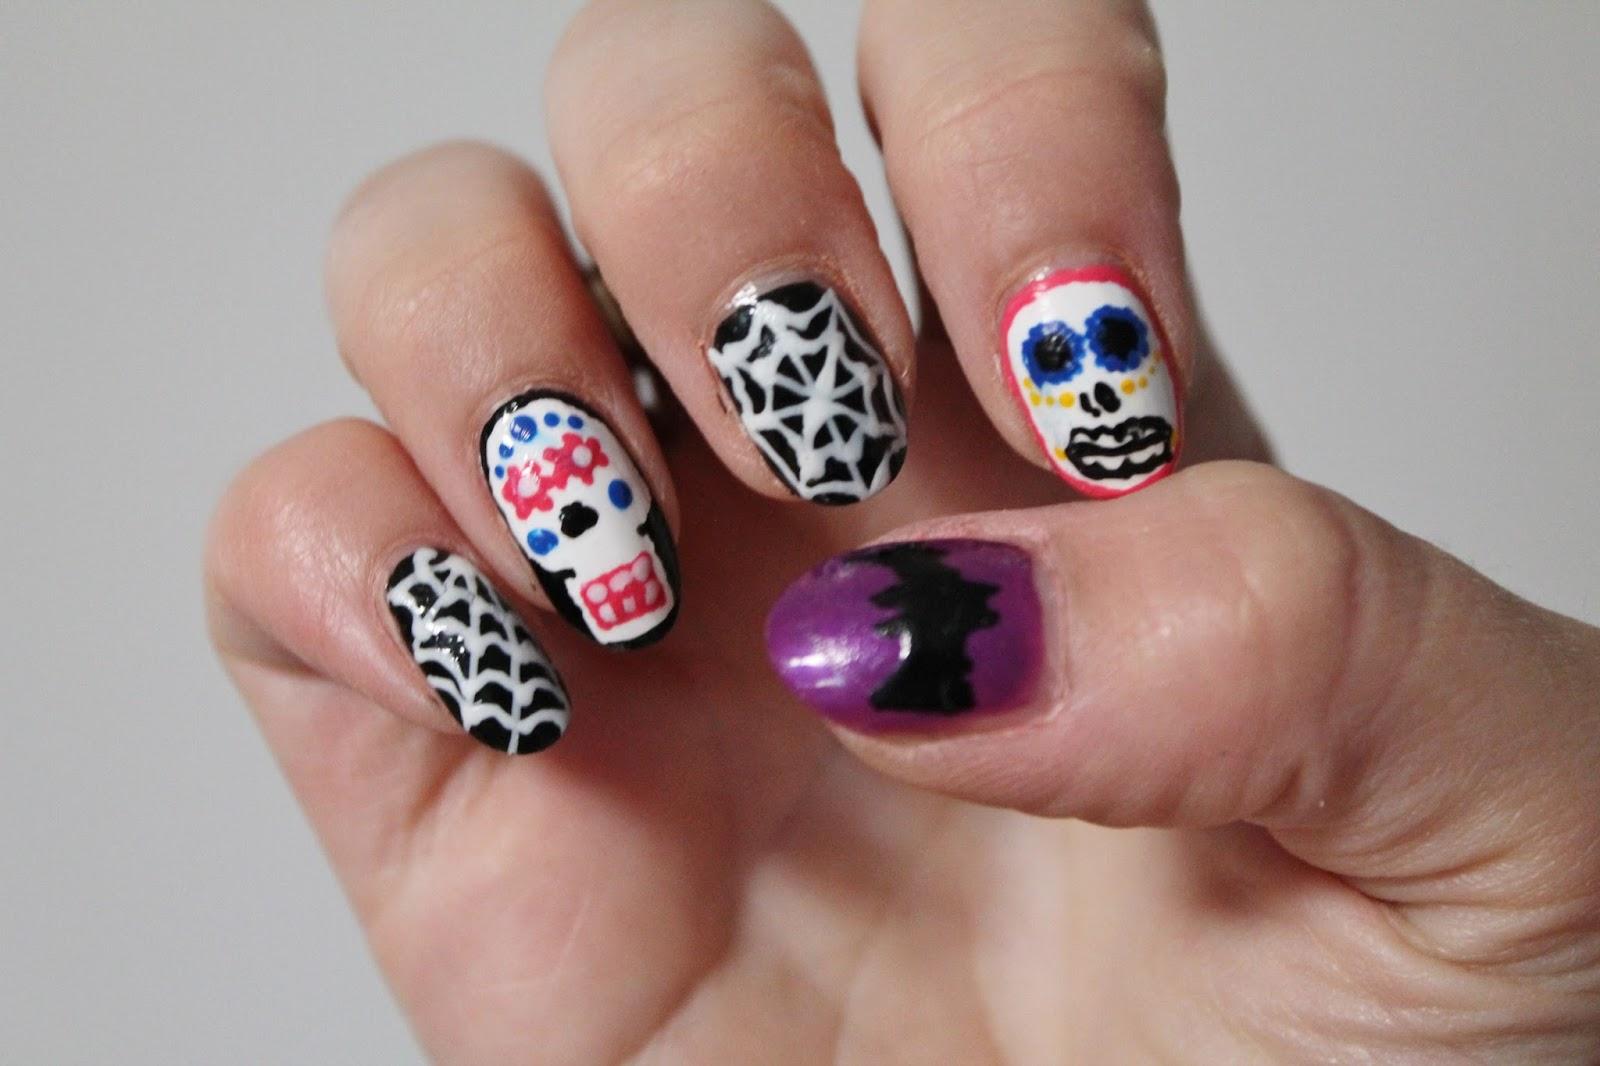 Sugar Skull and Cobweb Nail Art - Jersey Girl, Texan Heart